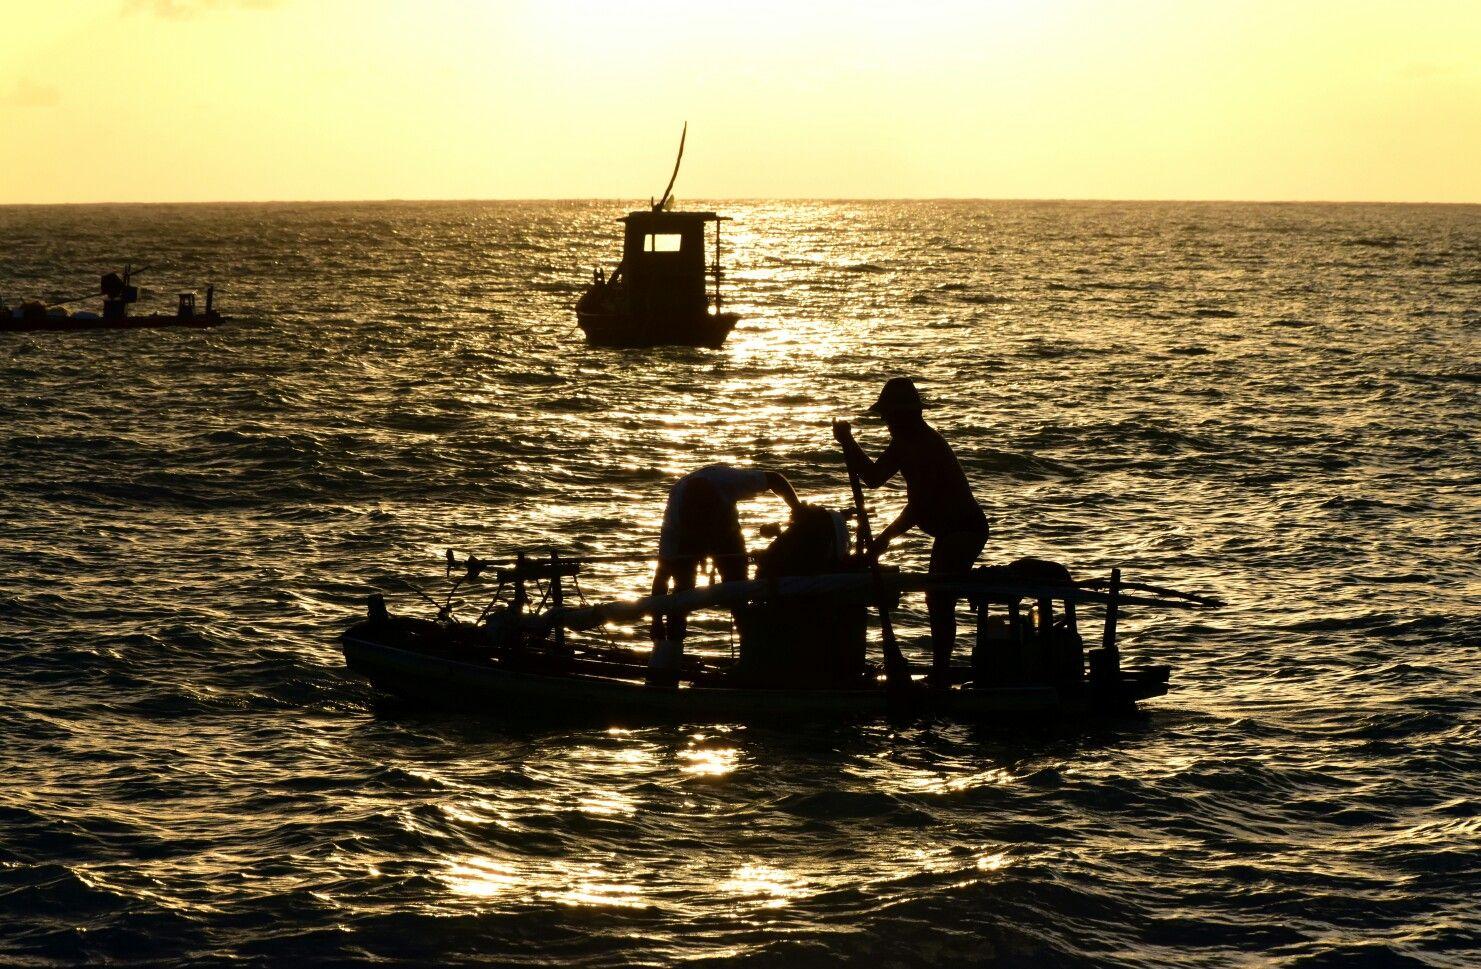 Amanhecer do jangadeiro - Praia de Ponta Verde - Maceio - Alagoas